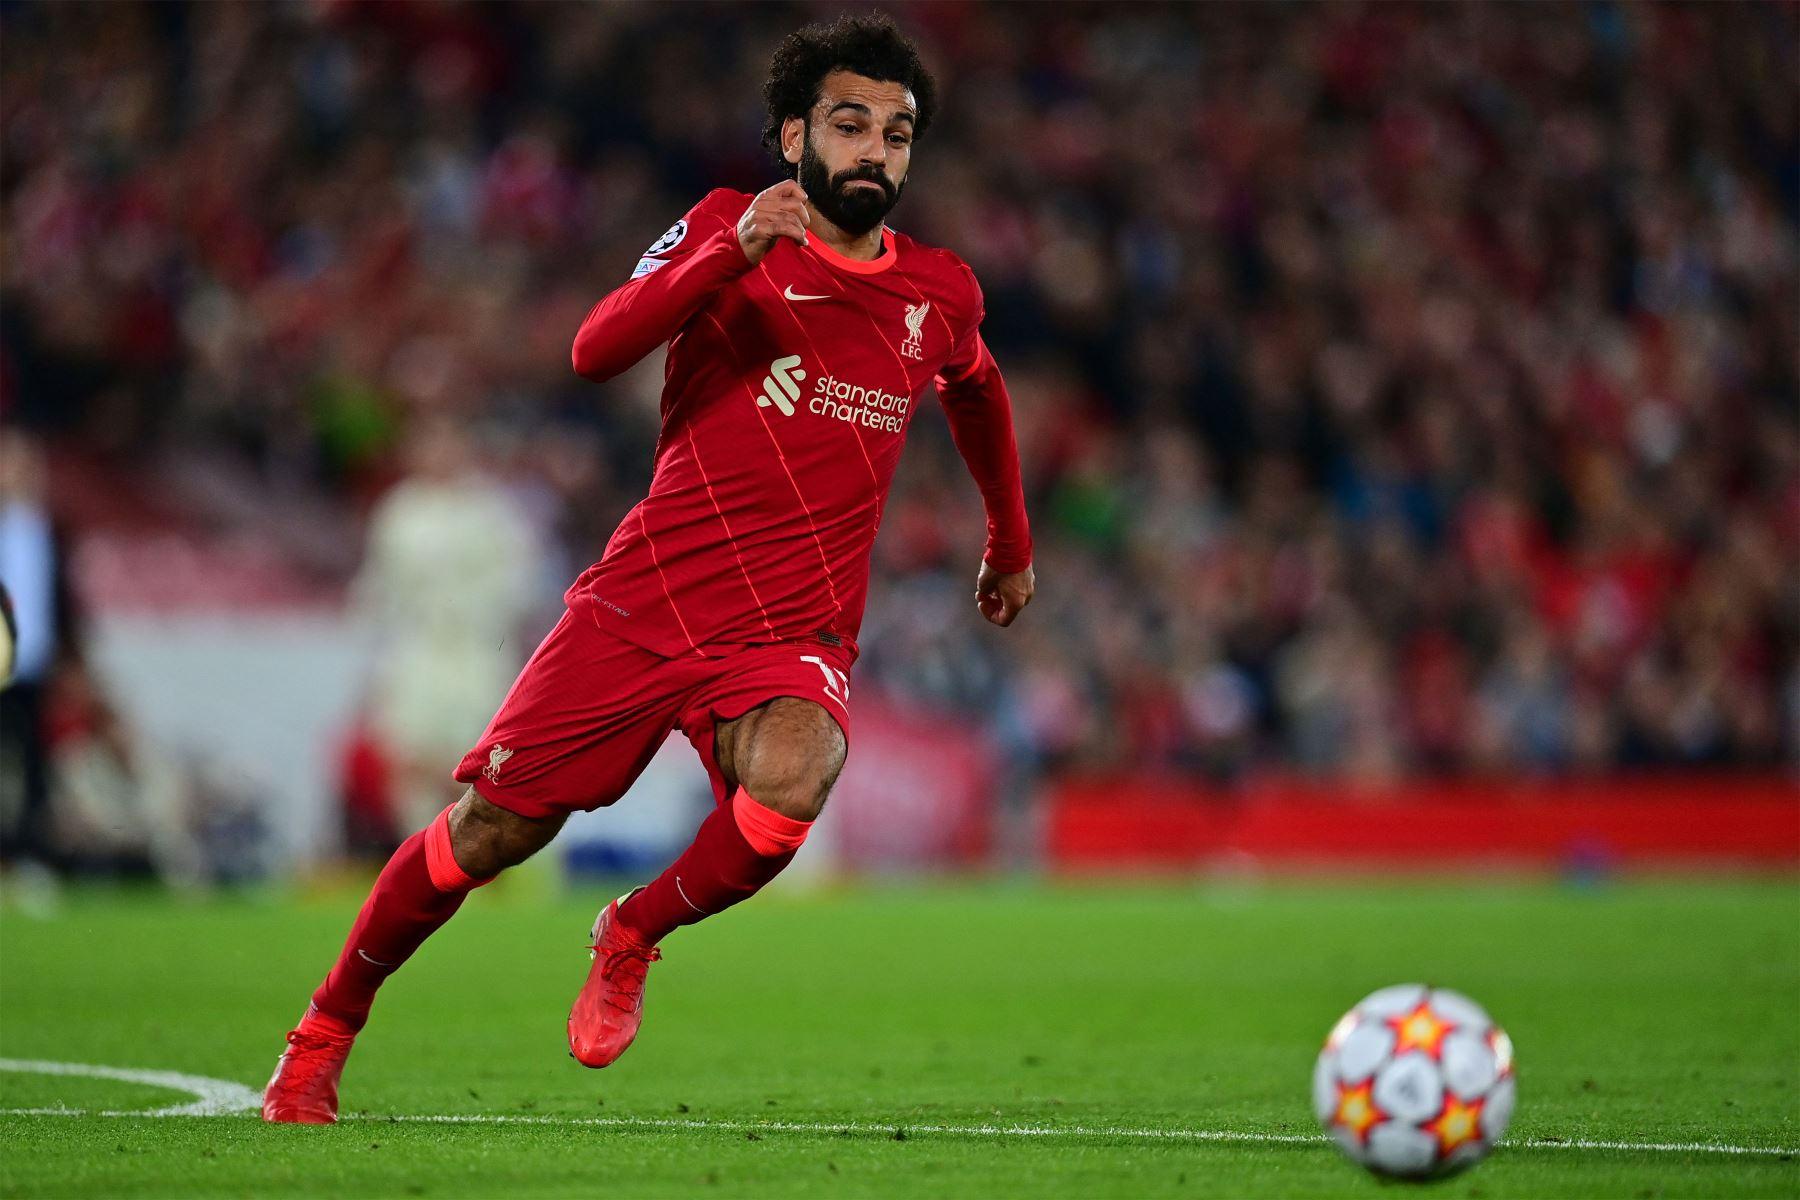 El centrocampista egipcio del Liverpool, Mohamed Salah, persigue el balón durante el partido de fútbol del Grupo B de la primera ronda de la Liga de Campeones de la UEFA entre el Liverpool y el AC Milán. Foto: AFP